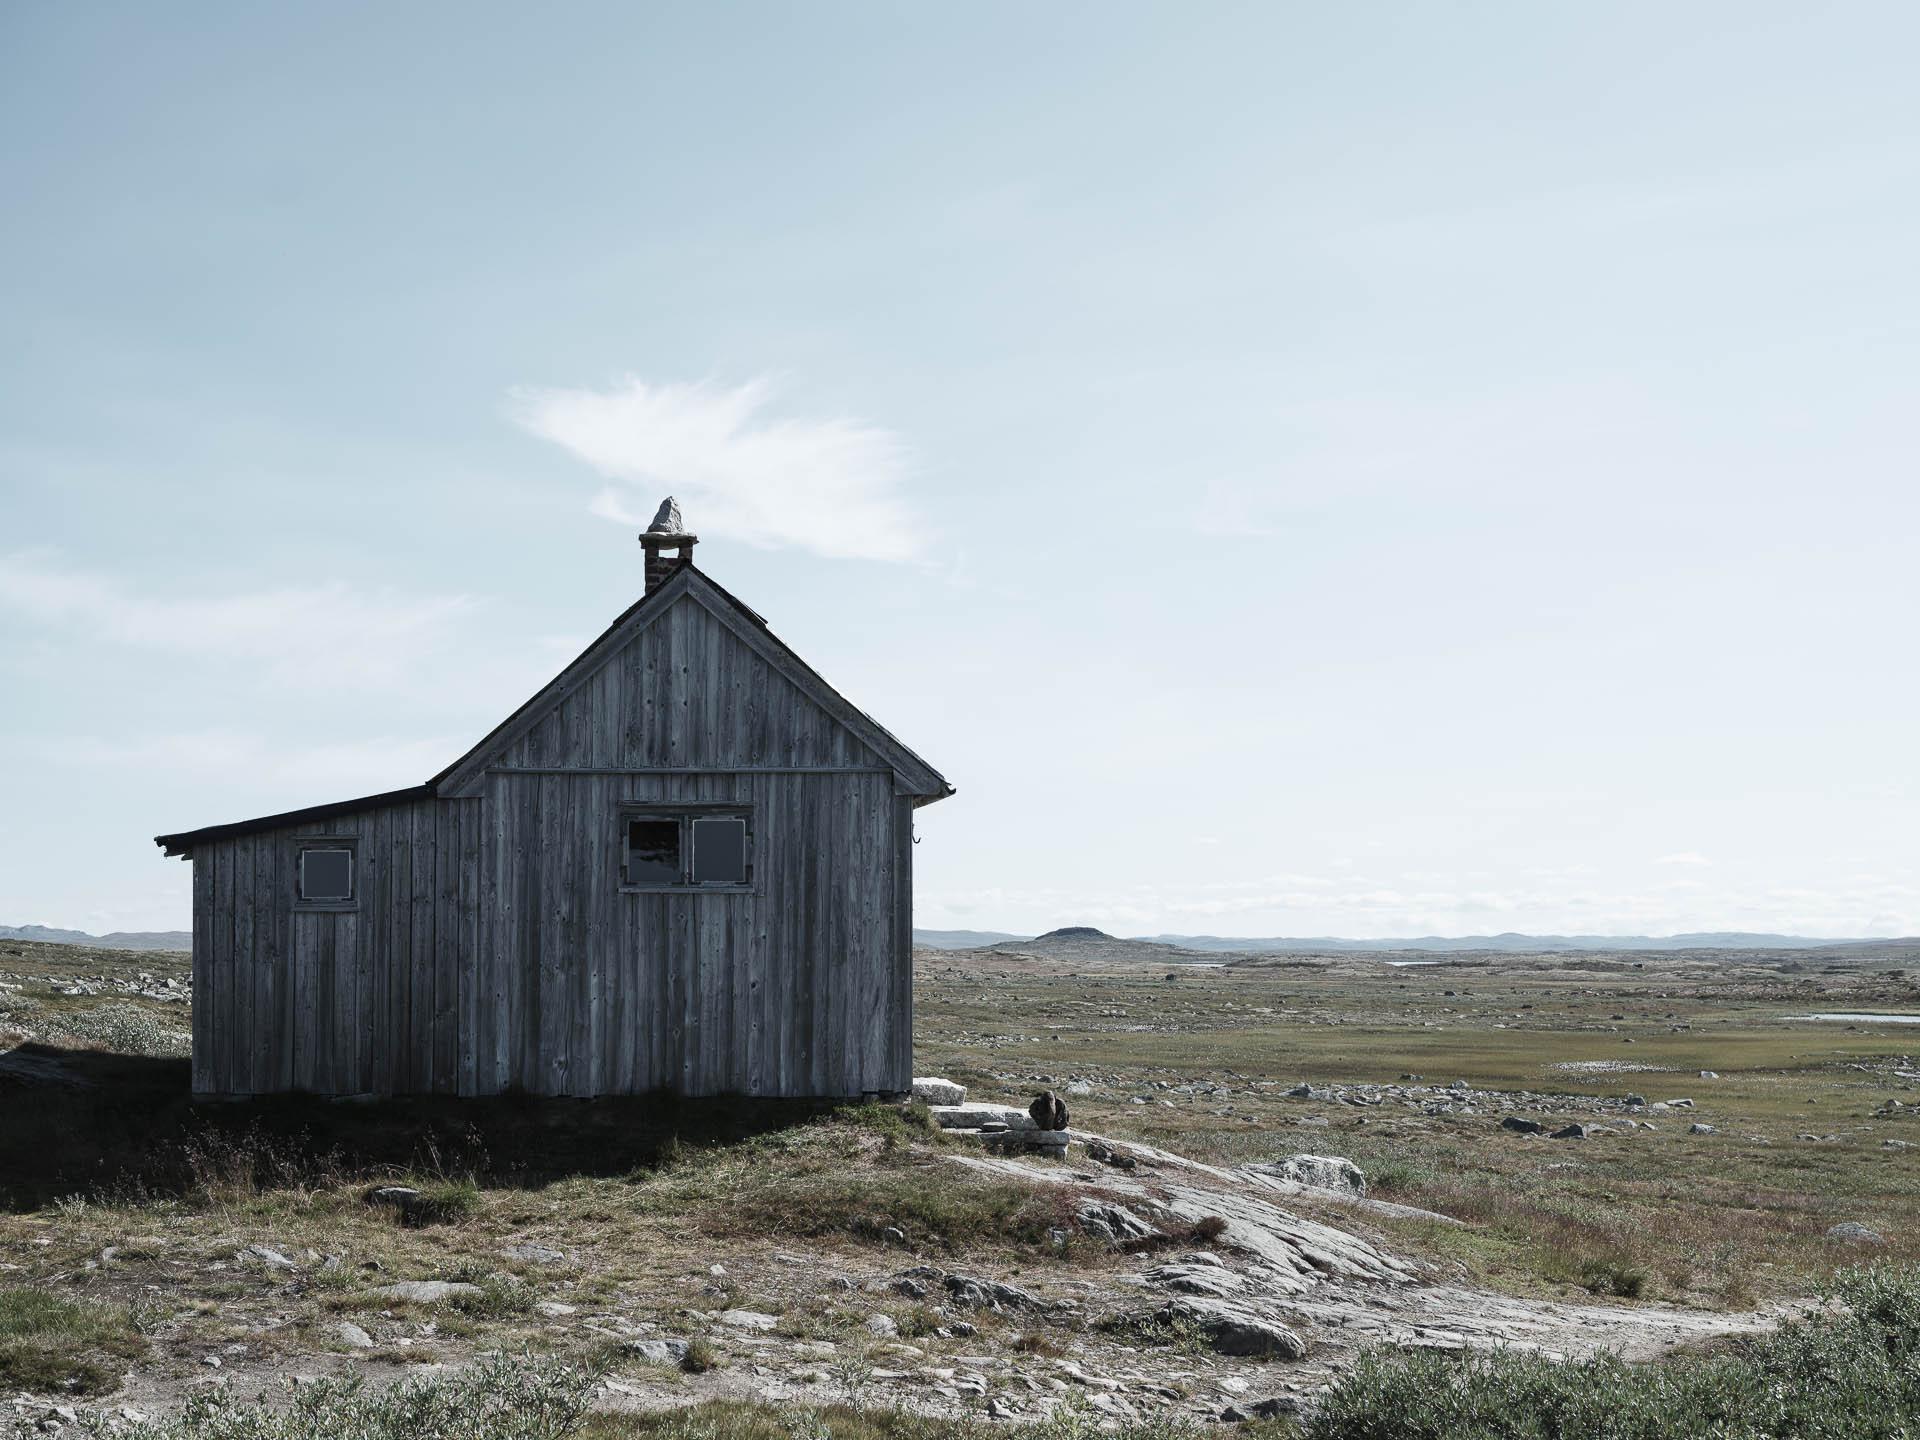 Hütte im Norden I Northern Cabin I